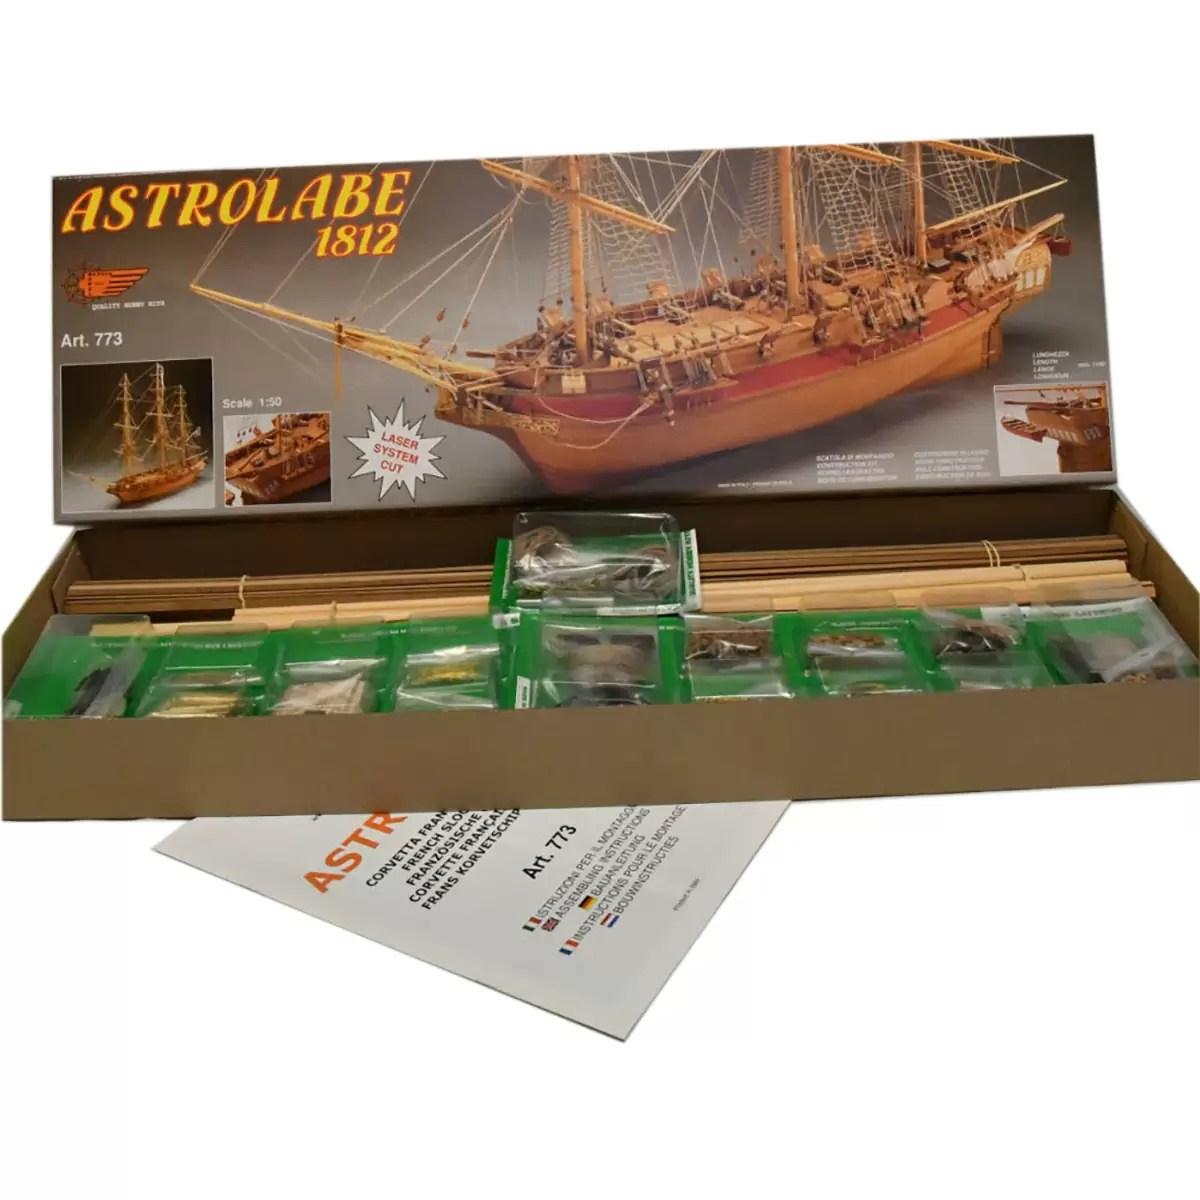 Astrolabe hajómakett építőkészlet Mantua